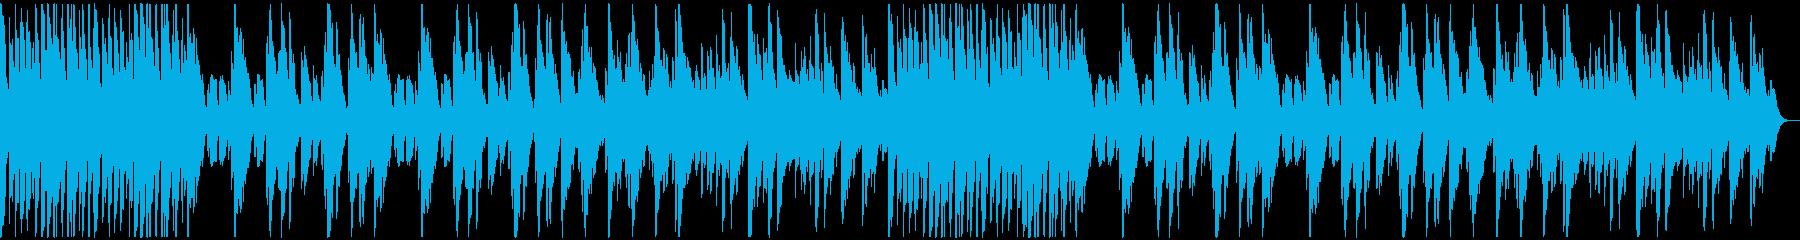 軽快なリズムのソロ・ピアノ曲の再生済みの波形